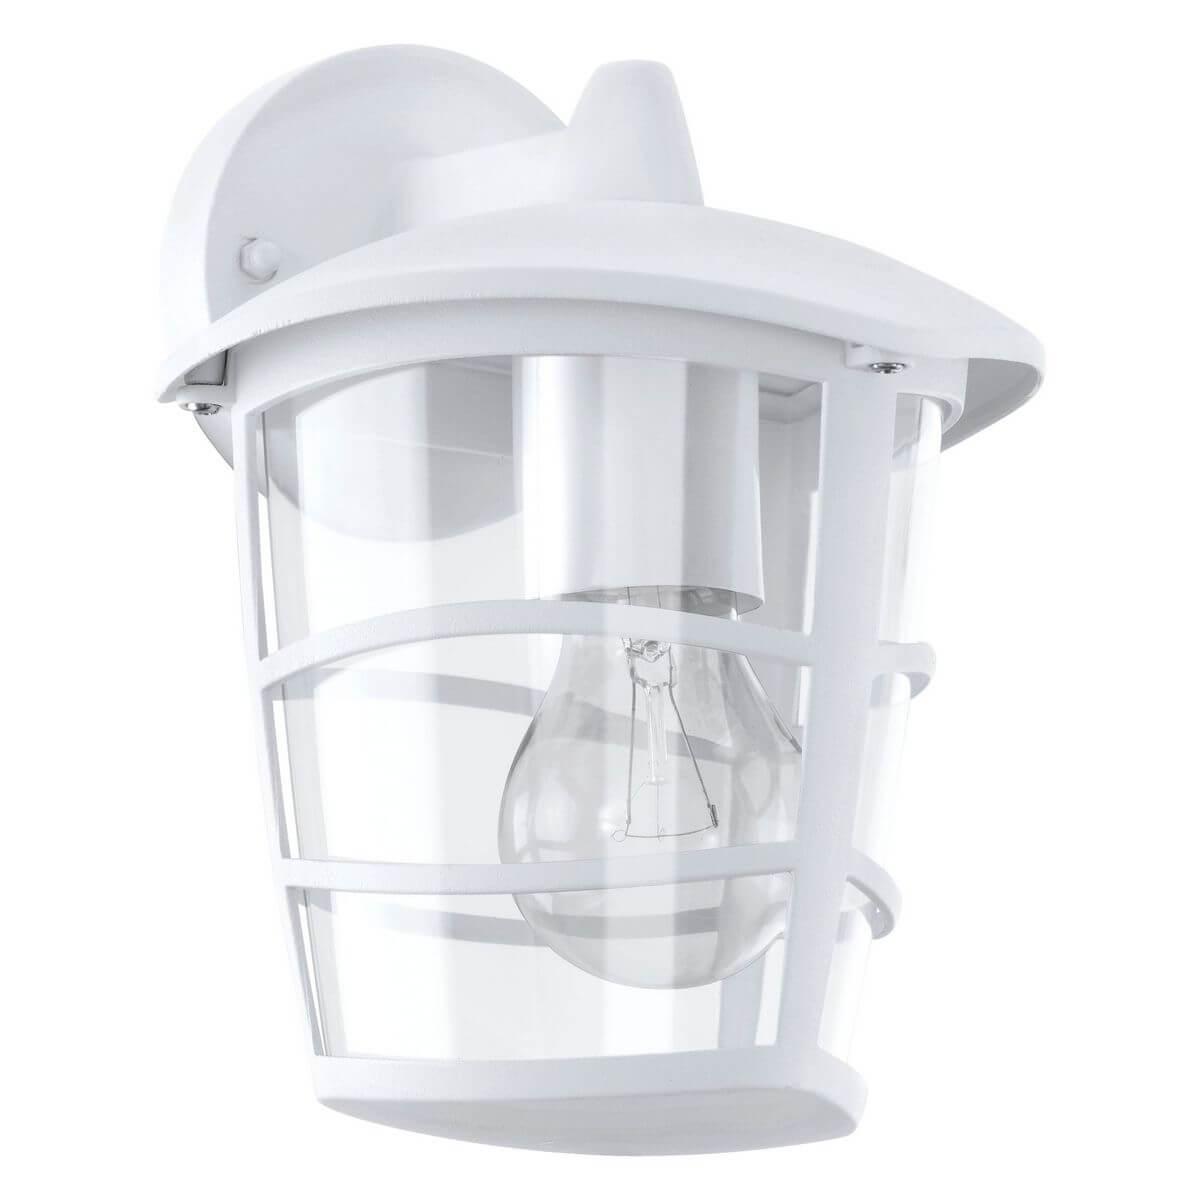 Уличный настенный светильник Eglo Aloria 93095 бра eglo aloria 93095